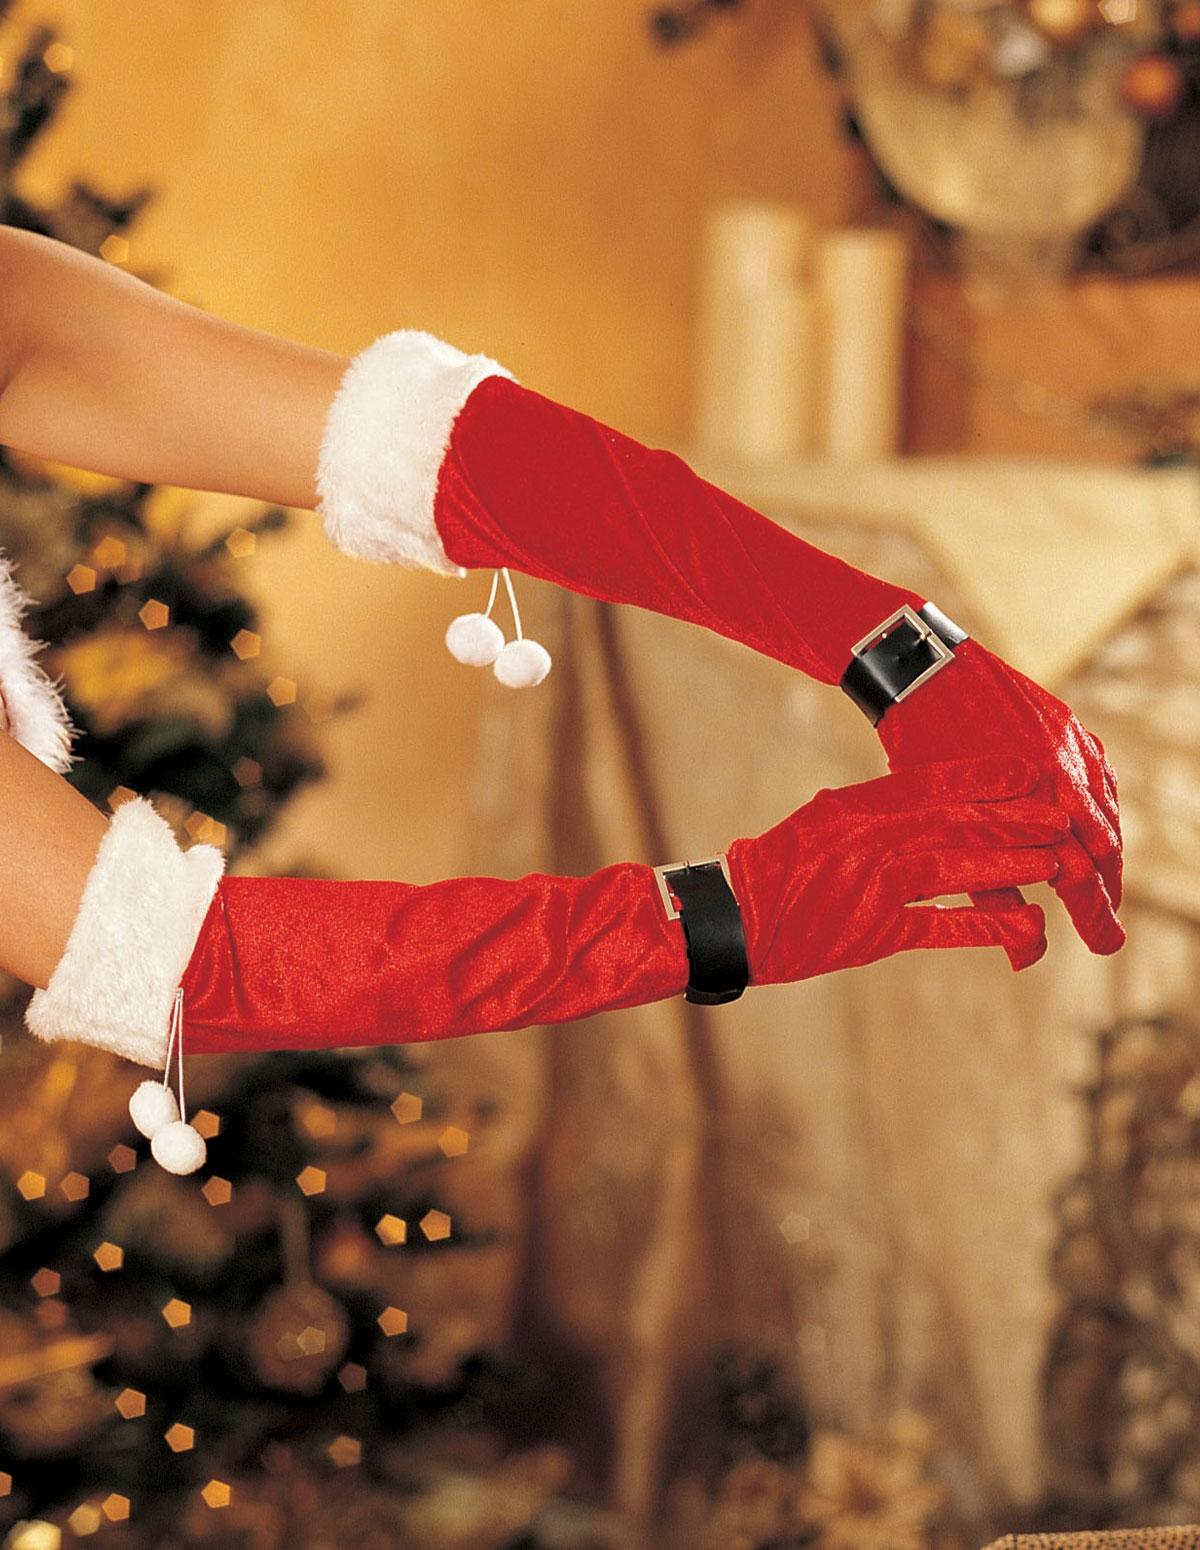 Maribou Trim Velvet Gloves